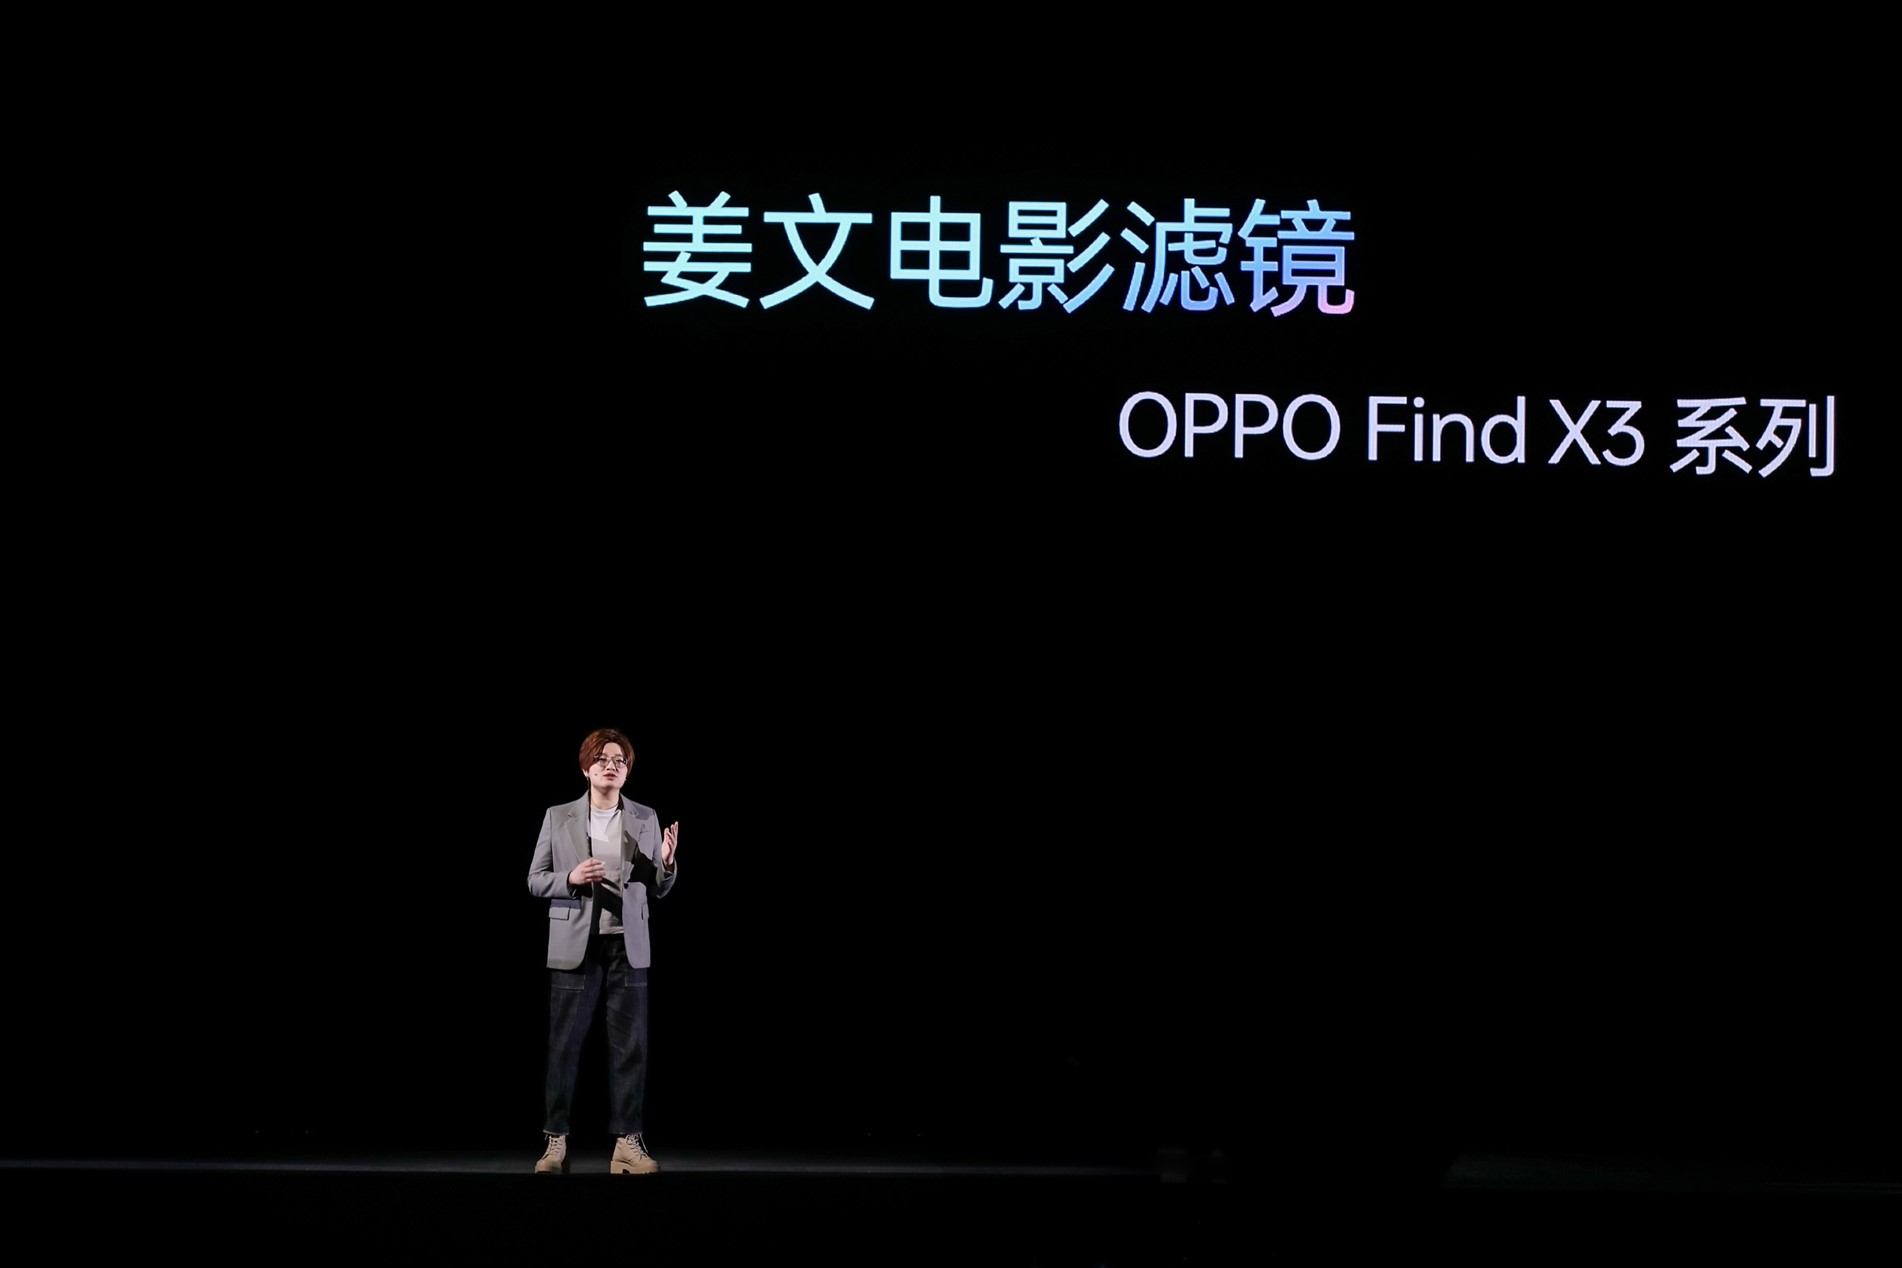 OPPO影像探索家姜文为Find X3系列打造两个独家电影滤镜